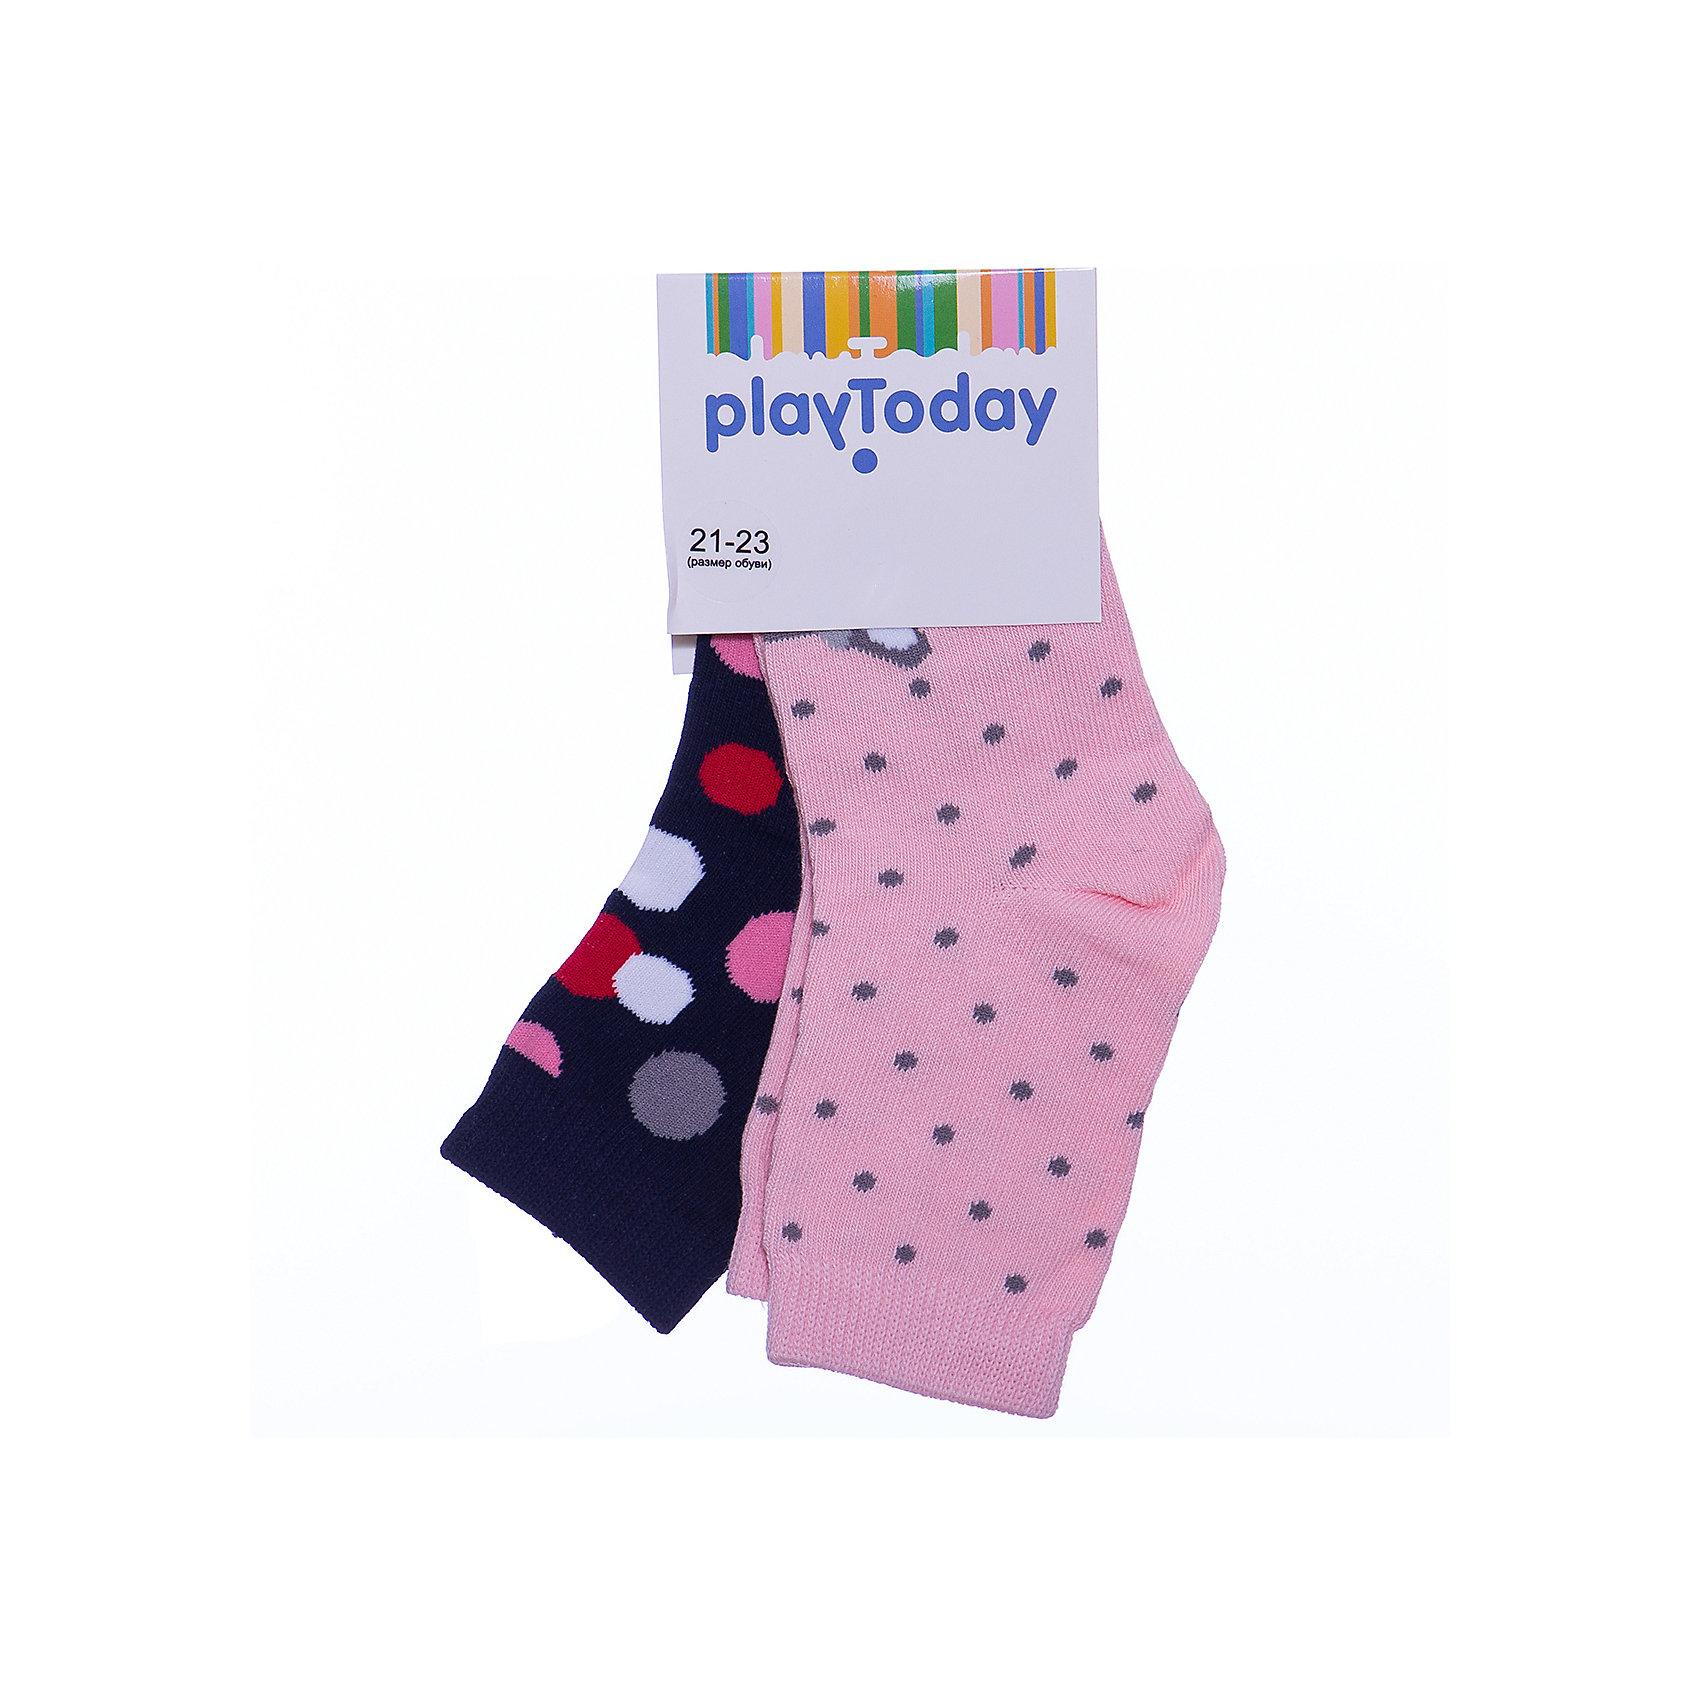 Носки, 2 пары для девочки PlayTodayНоски<br>Носки, 2 пары для девочки от известного бренда PlayToday.<br>Комплект из двух пар уютных хлопковых носочков. Первая пара - в цветной горошек. Вторая пара украшена изображением олененка, которое складывается, если поставить ножки вместе. Верх на мягкой резинке.<br>Состав:<br>75% хлопок, 22% нейлон, 3% эластан<br><br>Ширина мм: 87<br>Глубина мм: 10<br>Высота мм: 105<br>Вес г: 115<br>Цвет: белый<br>Возраст от месяцев: 3<br>Возраст до месяцев: 6<br>Пол: Женский<br>Возраст: Детский<br>Размер: 18,14,16<br>SKU: 4897632